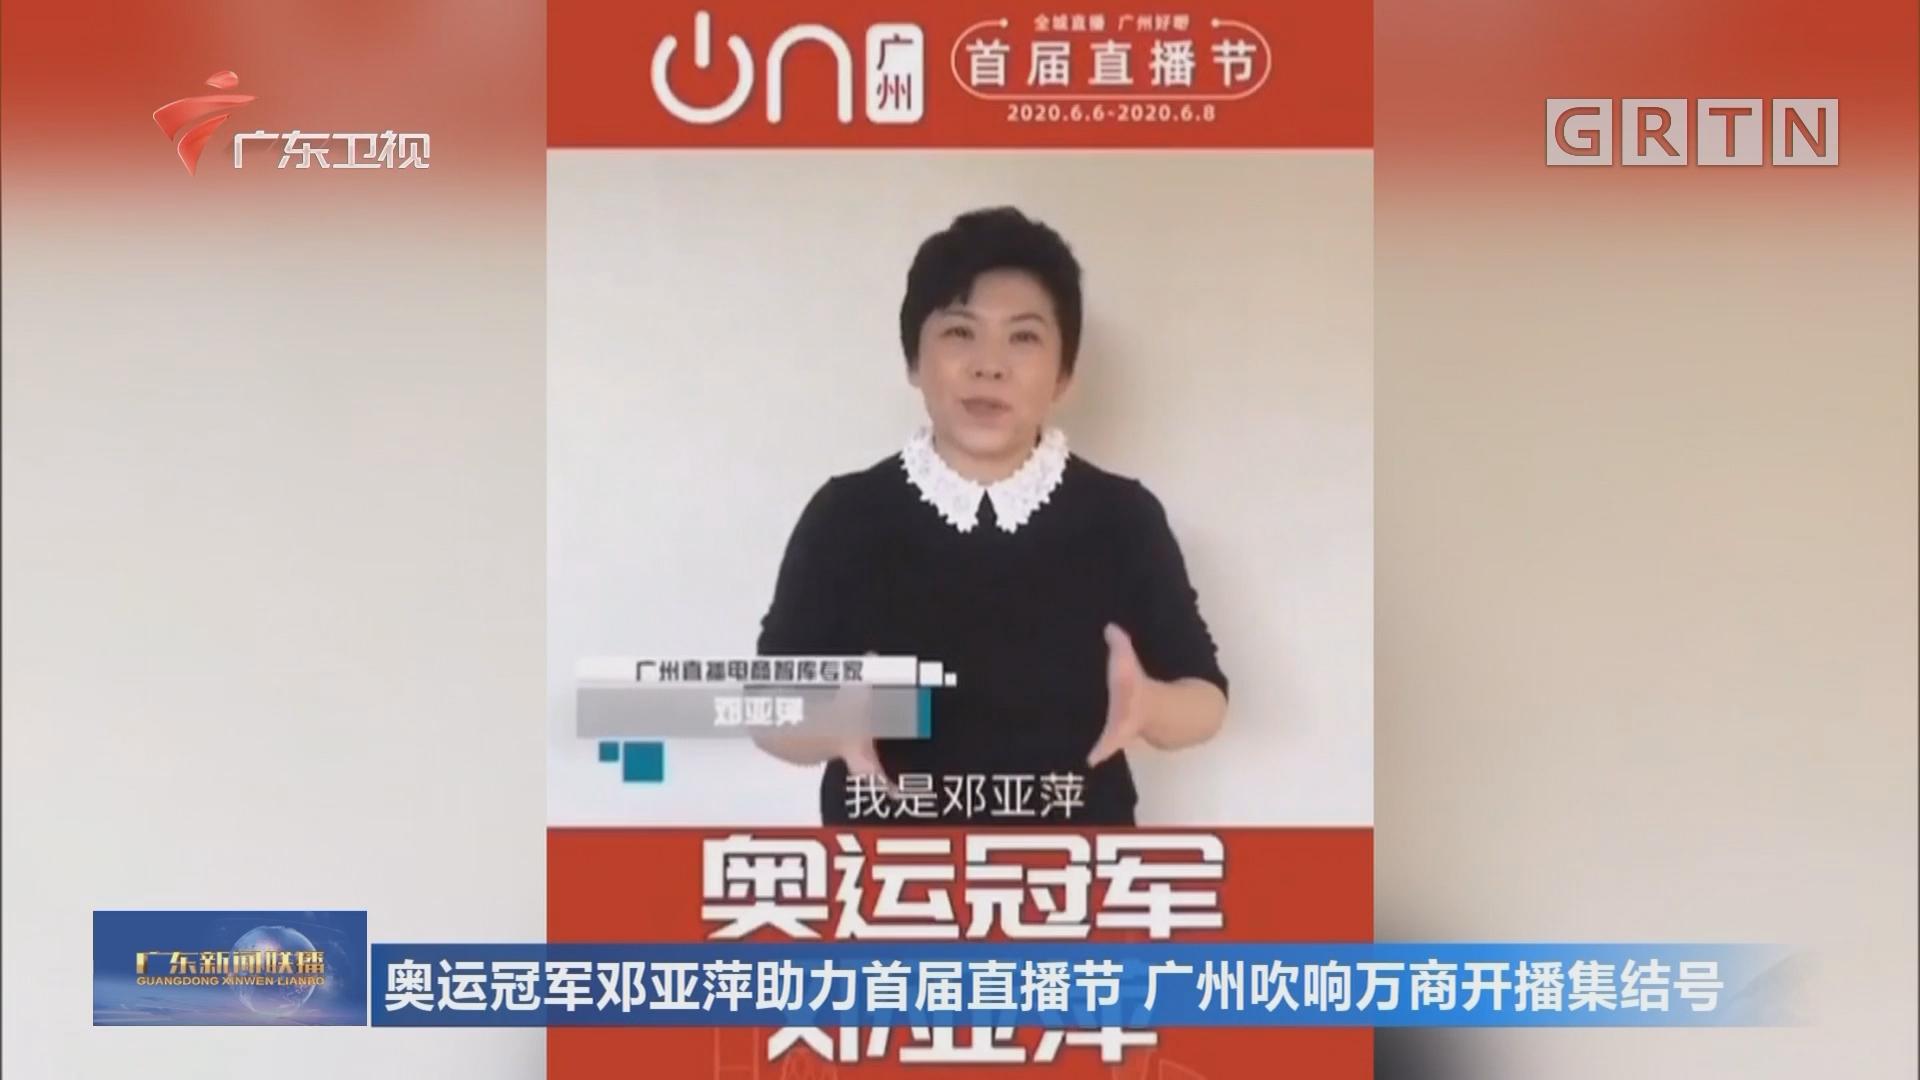 奥运冠军邓亚萍助力首届直播节 广州吹响万商开播集结号